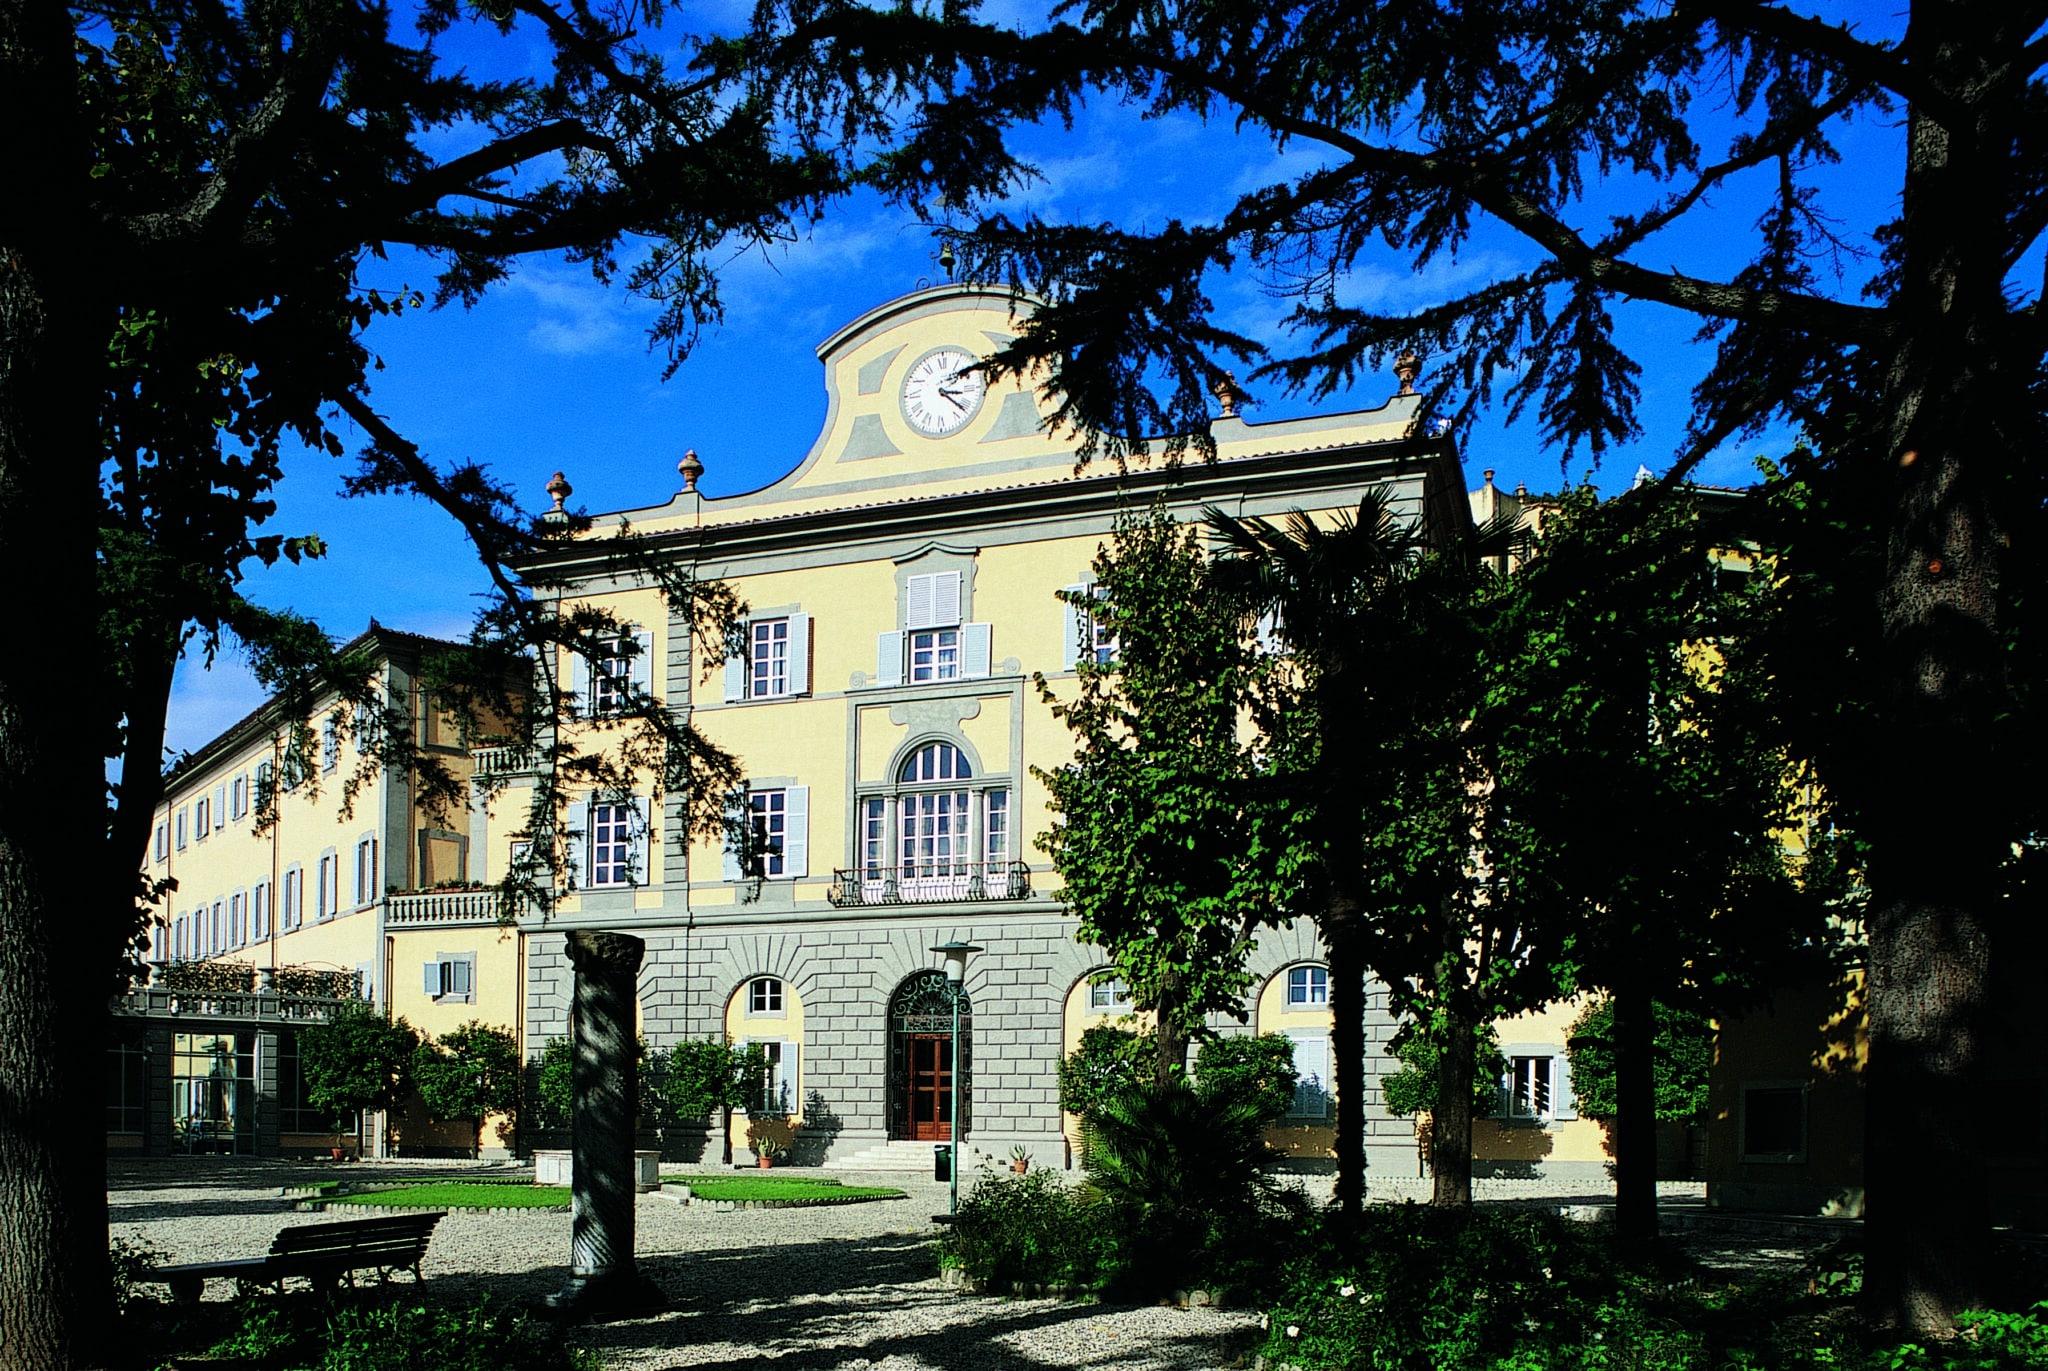 Отель является членом ассоциации The Leading Hotels of the World, Traveller Made и входит в группу отелей Italian Hospitality Collection